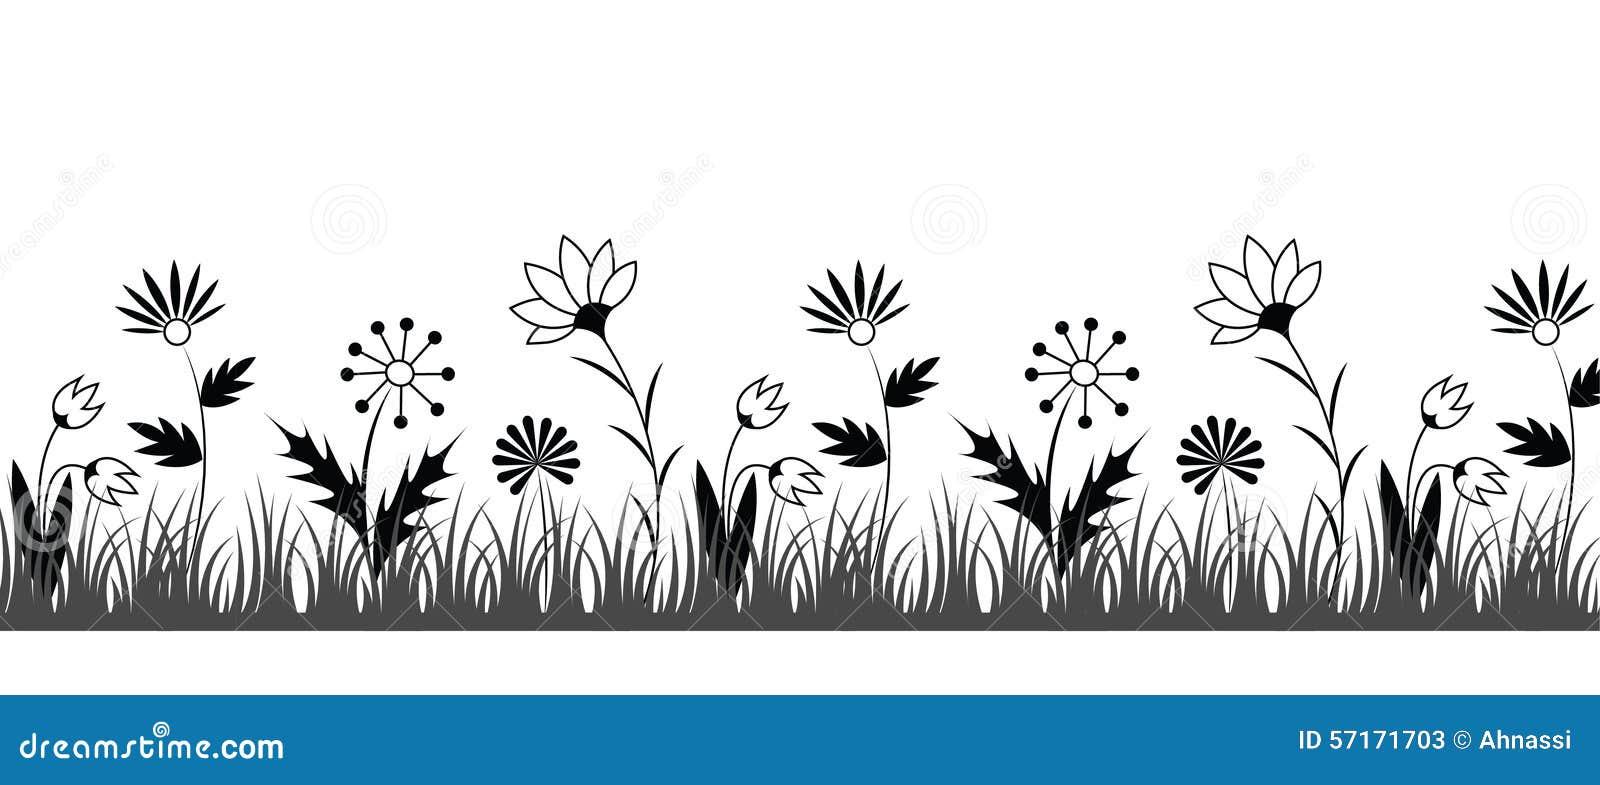 Black and white flower border stock vector illustration of grass black and white flower border mightylinksfo